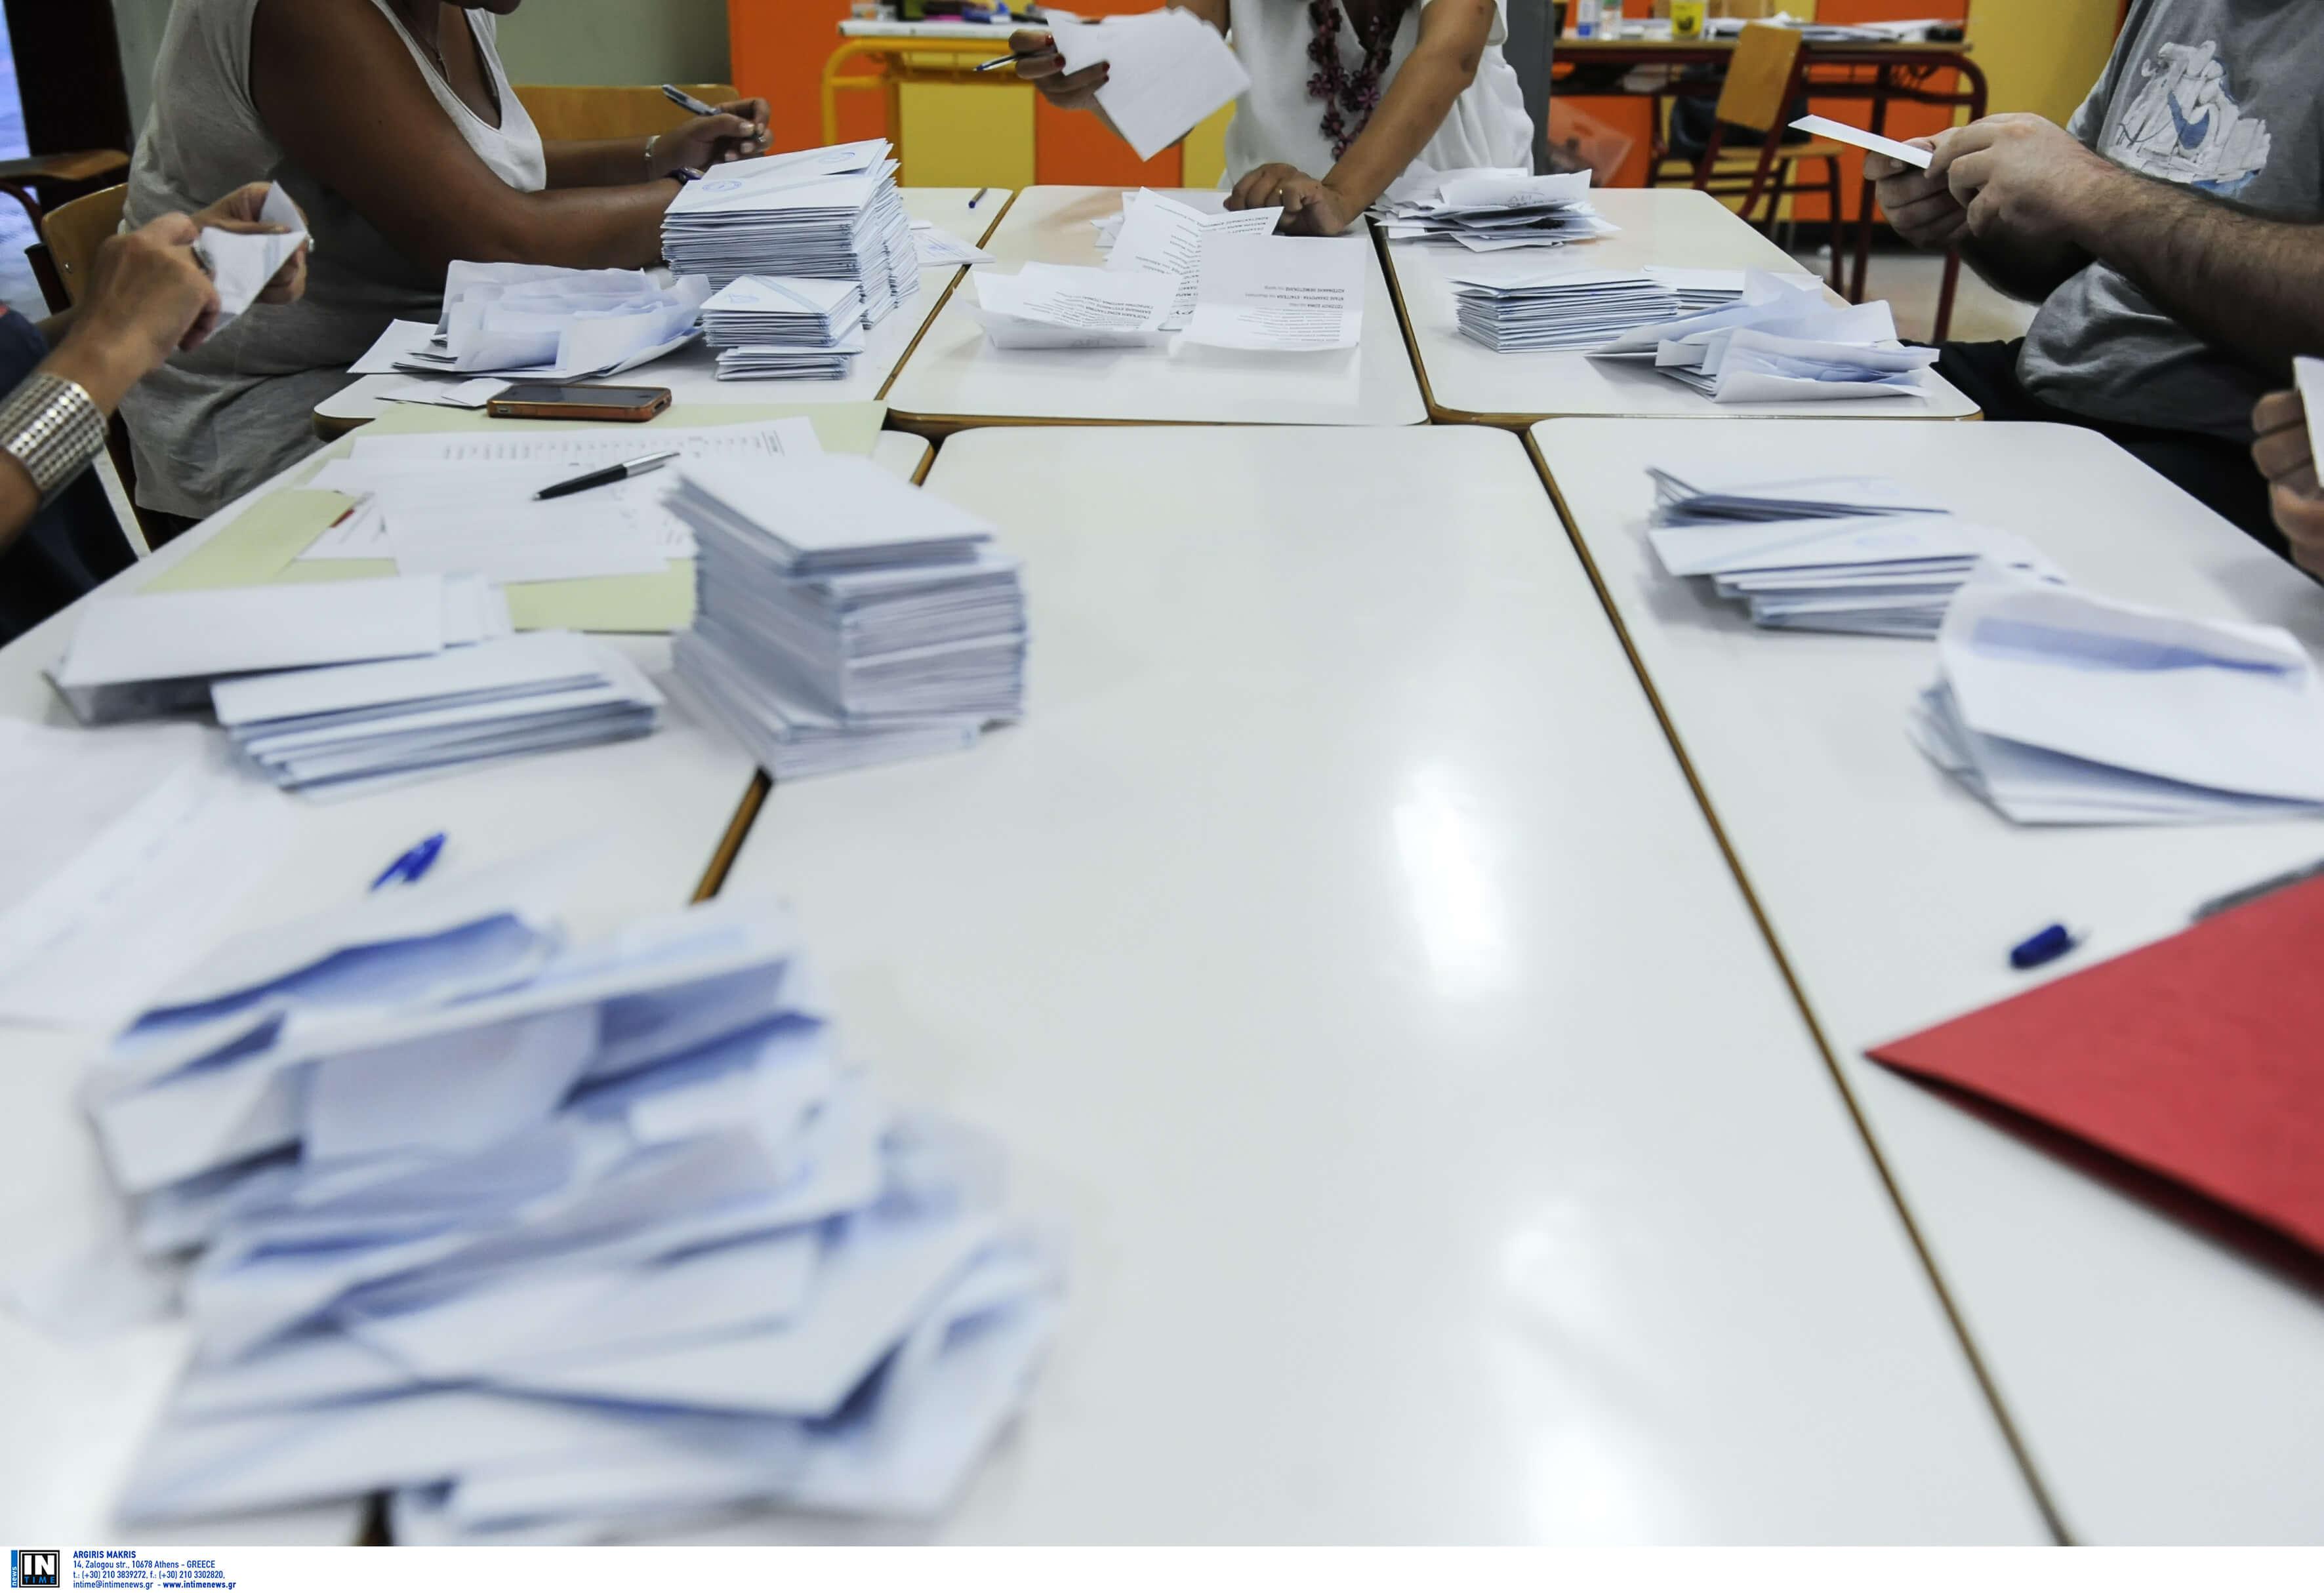 Αποτελέσματα Εκλογών – Σταυροί προτίμησης Δήμος Μεγαλόπολης: Ποιοι δημοτικοί σύμβουλοι εκλέγονται